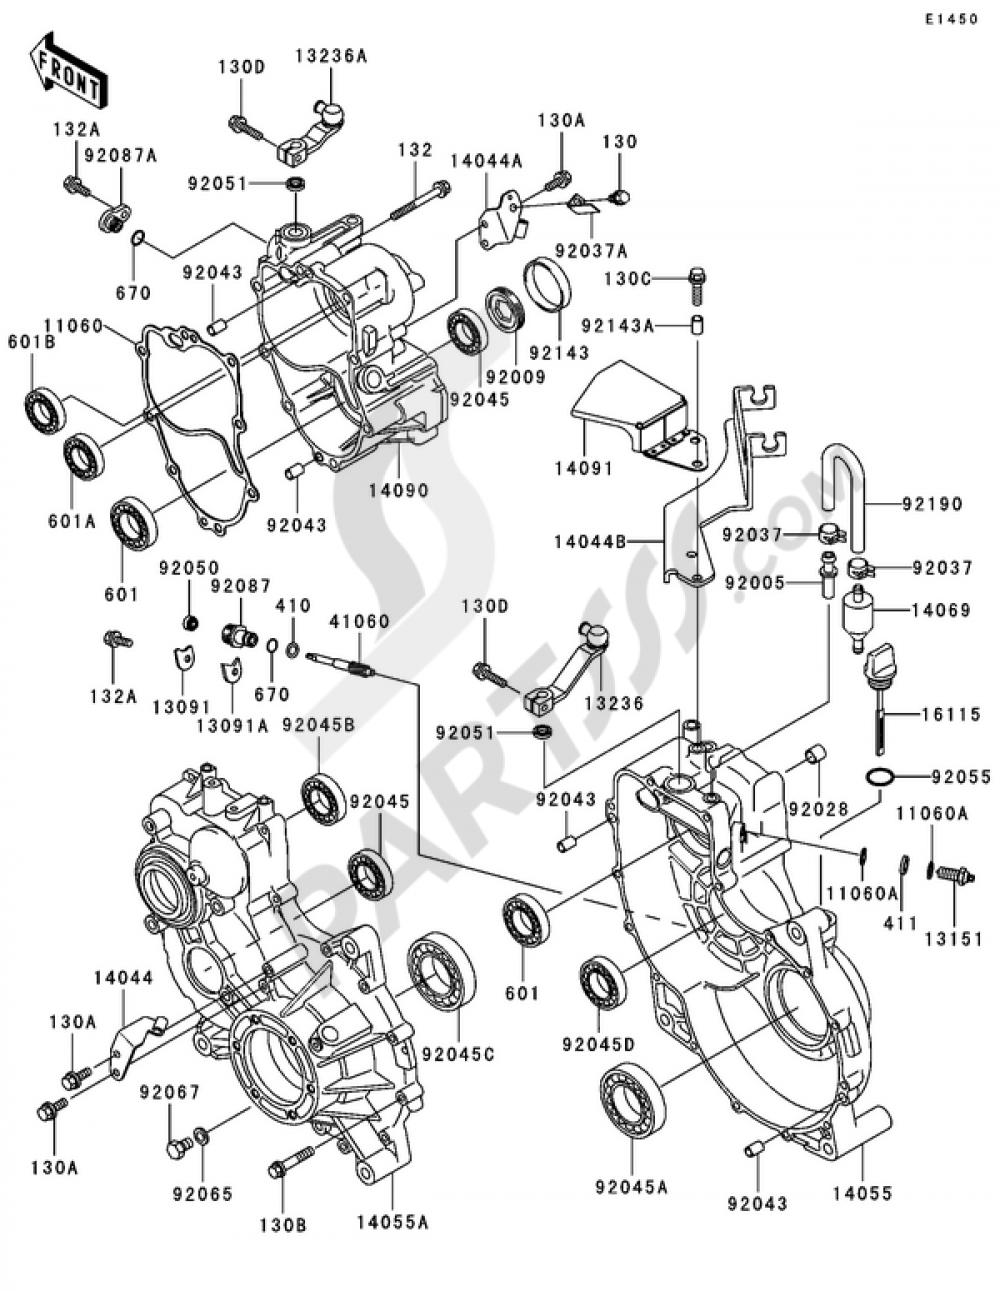 mule-3010-diesel-4x4-2004-34_1000 png